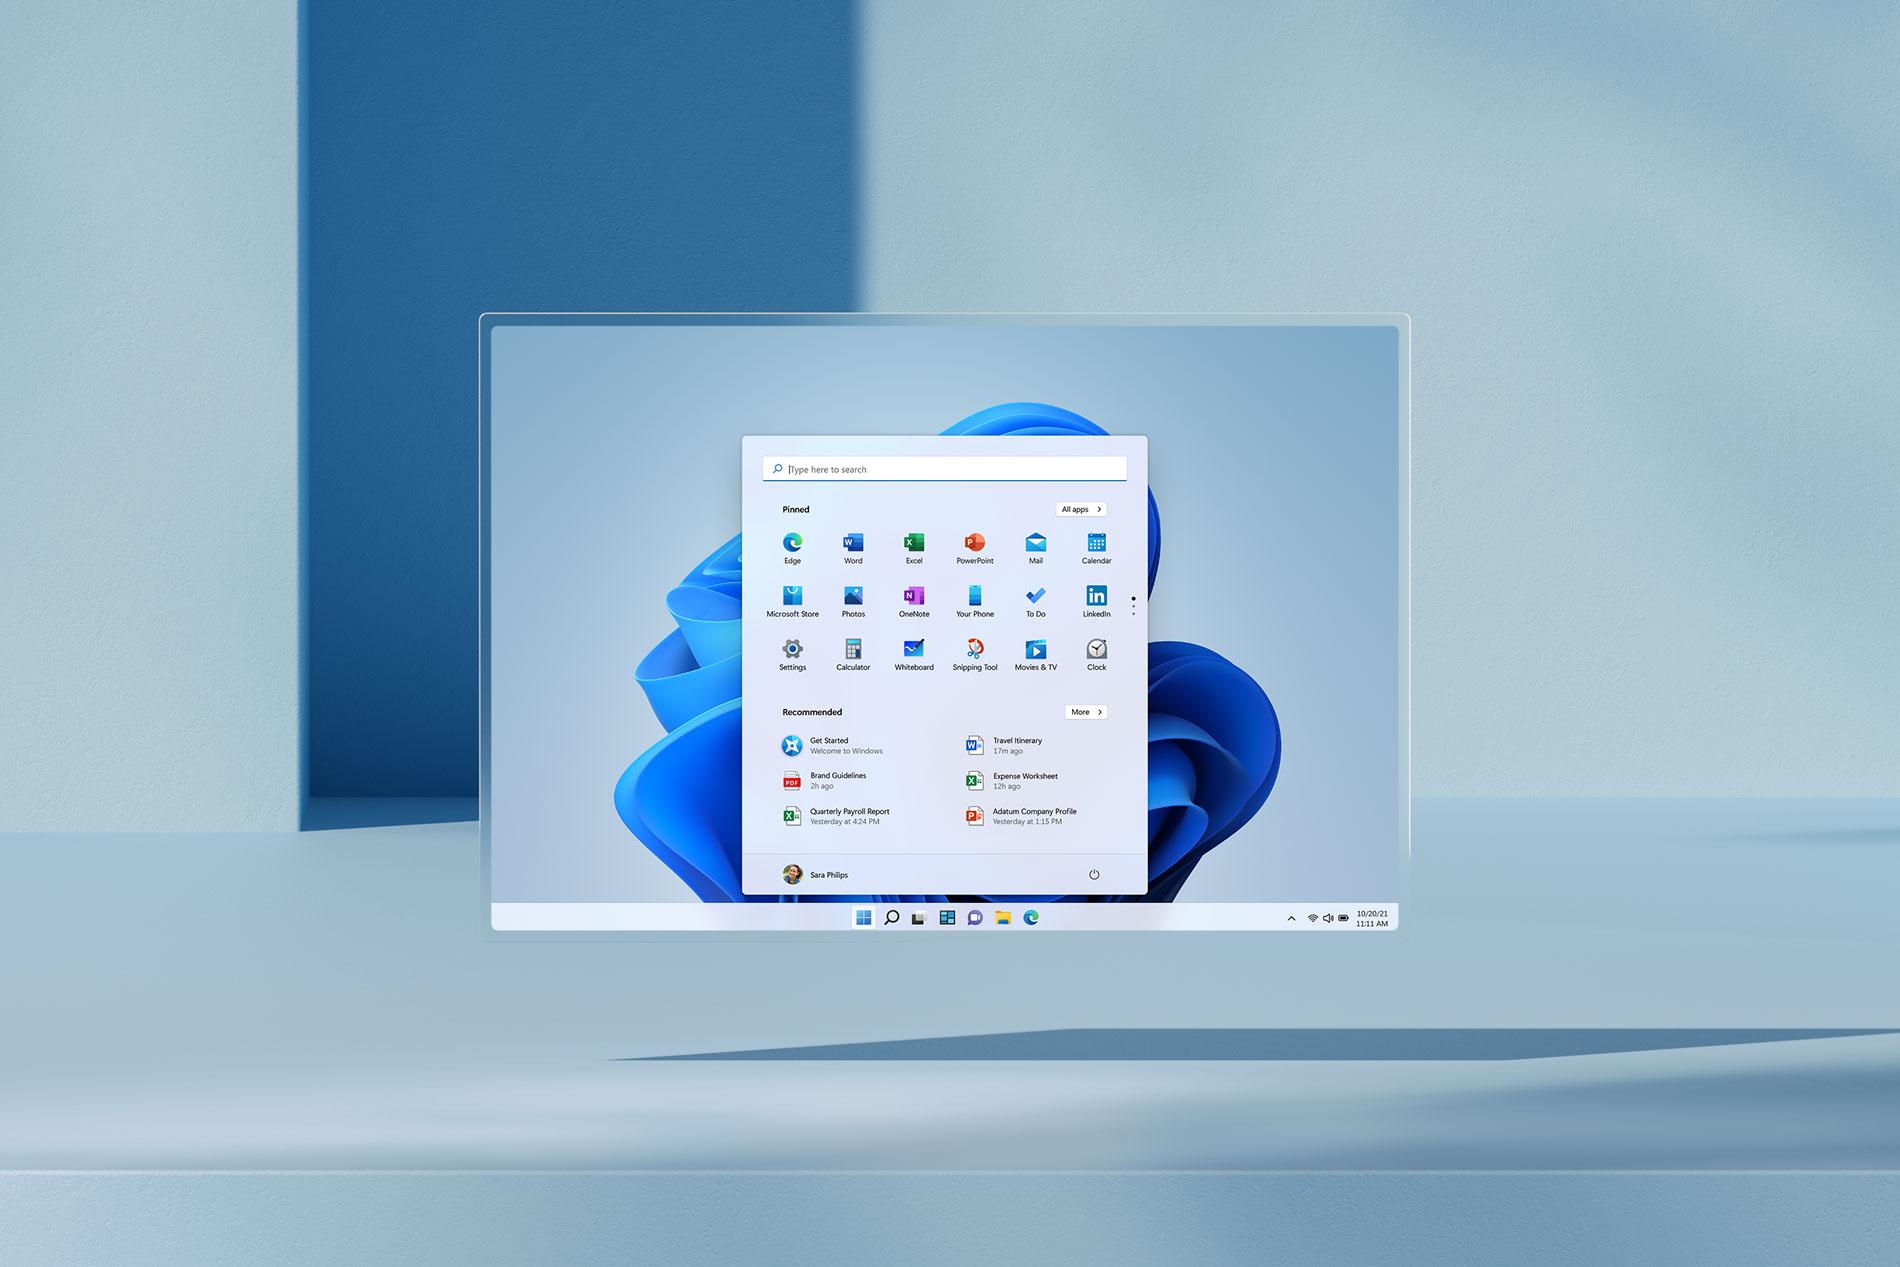 Guarda Windows 11 in azione su Surface Pro X | Video